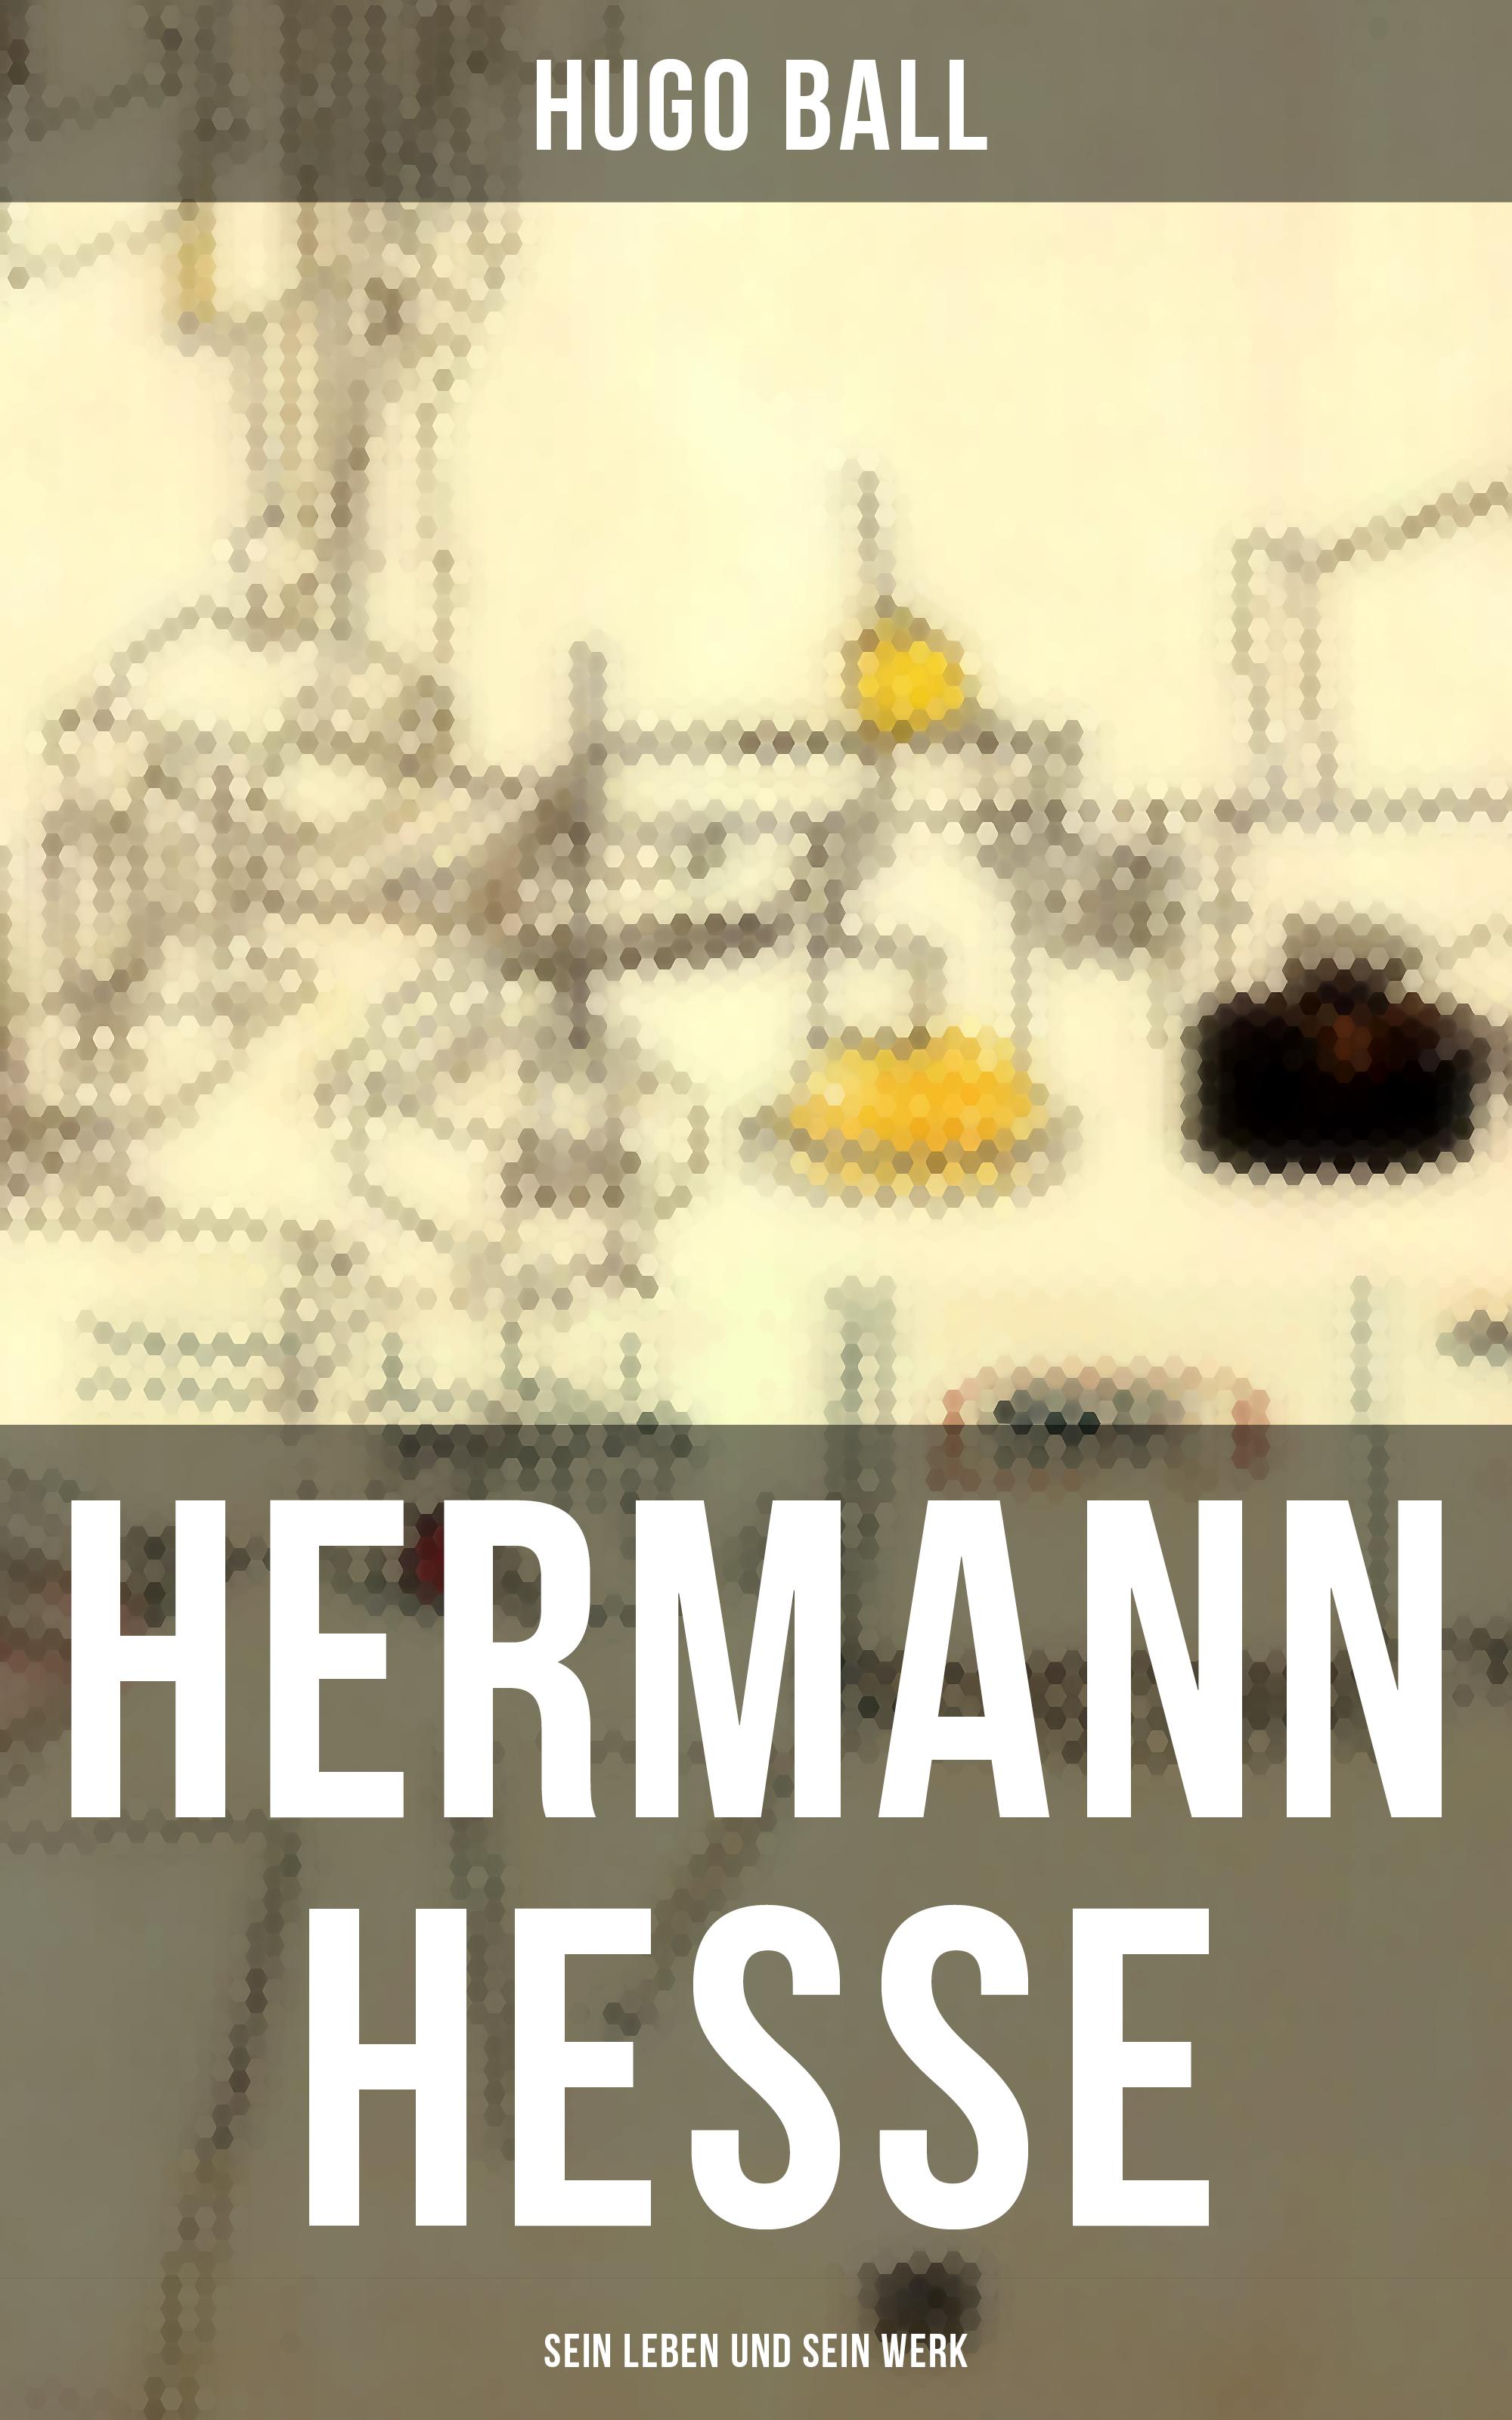 Hugo Ball Hermann Hesse: Sein Leben und sein Werk